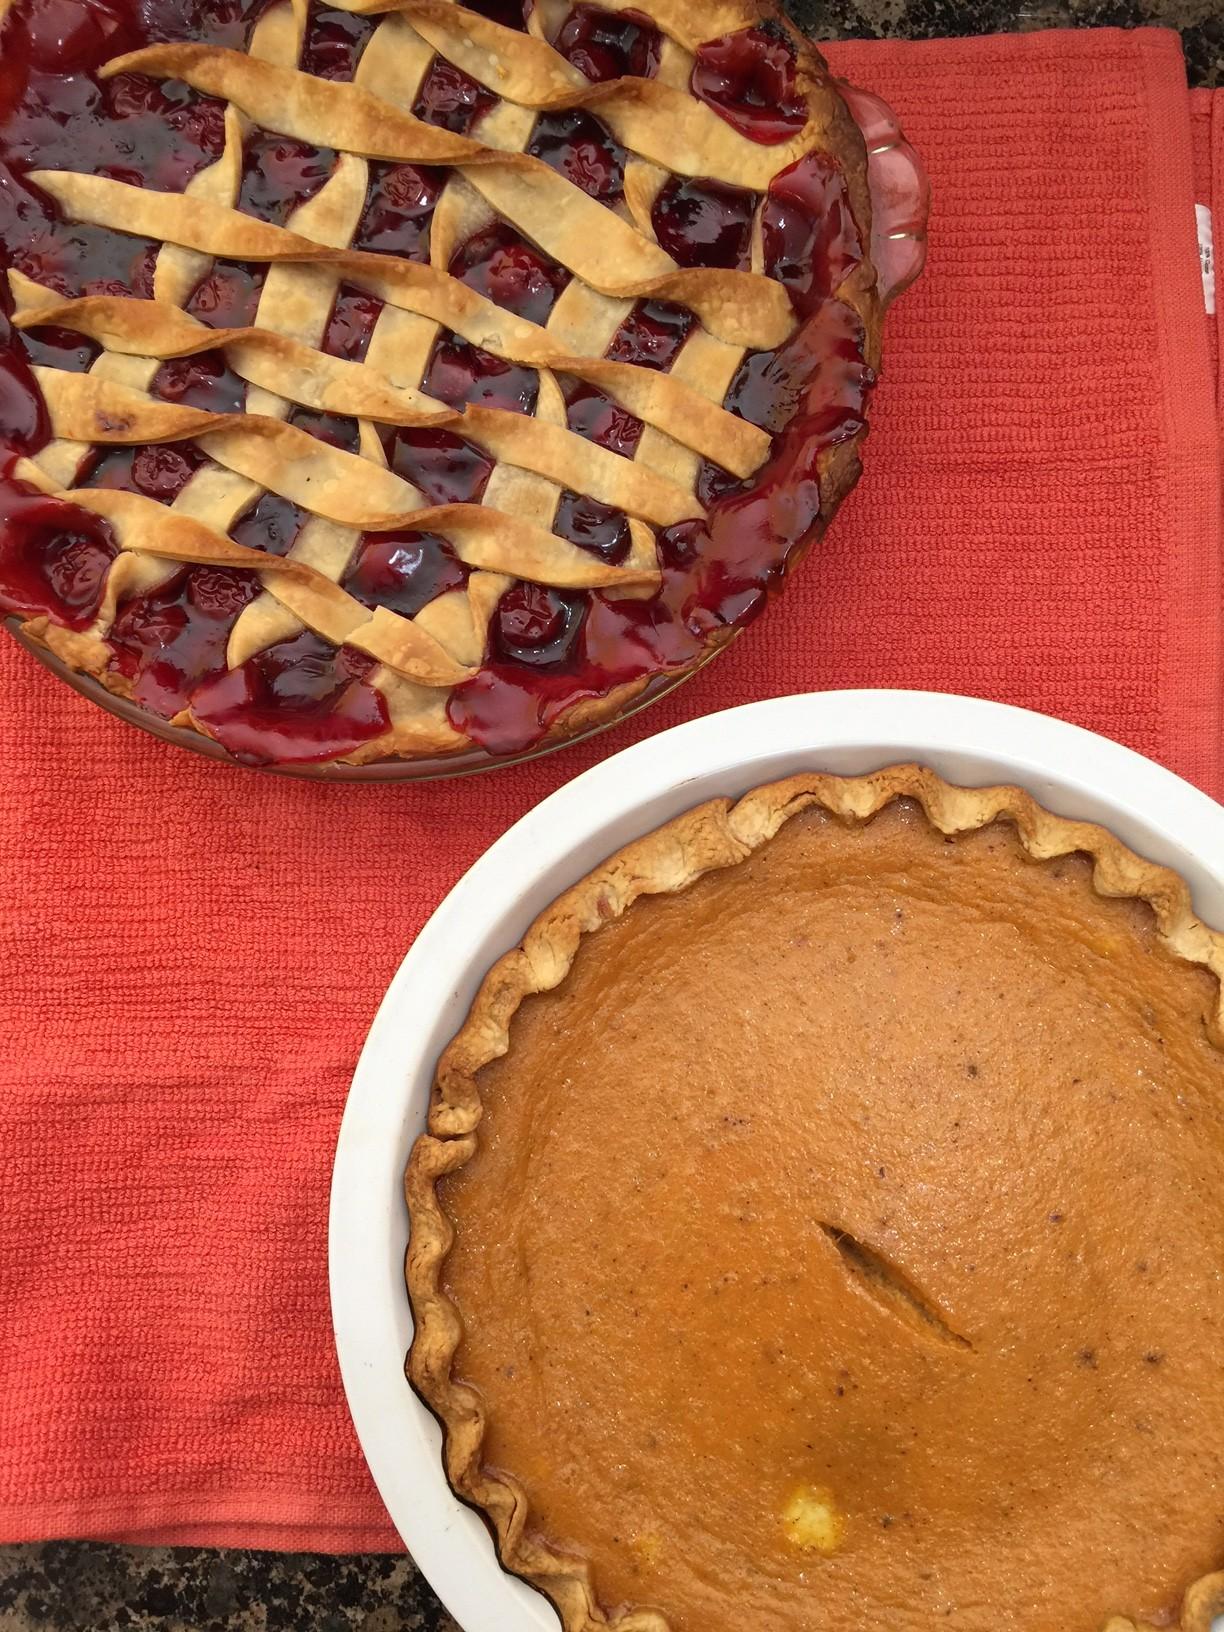 Baking-Pies